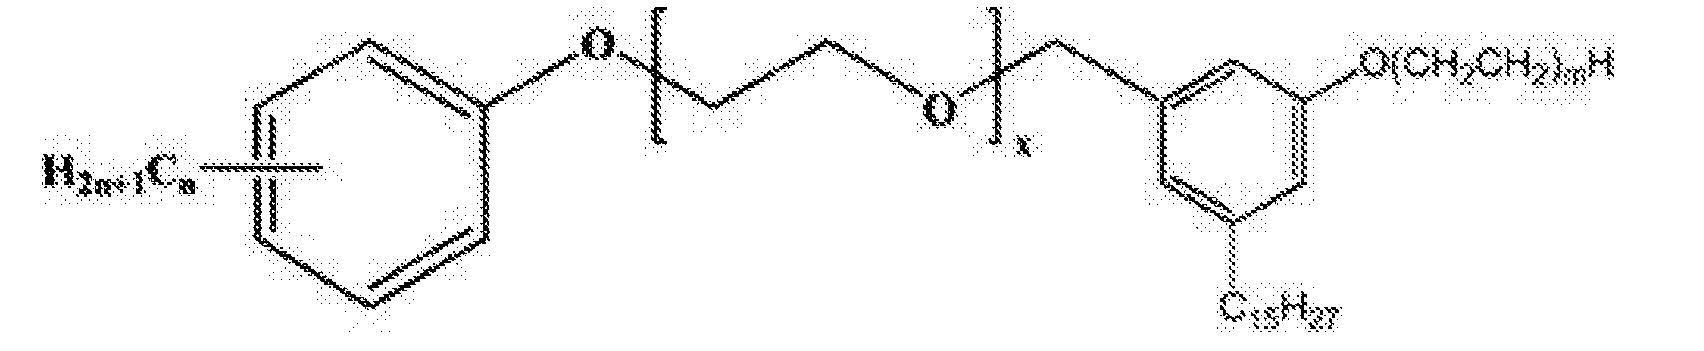 Figure CN106893640AC00021